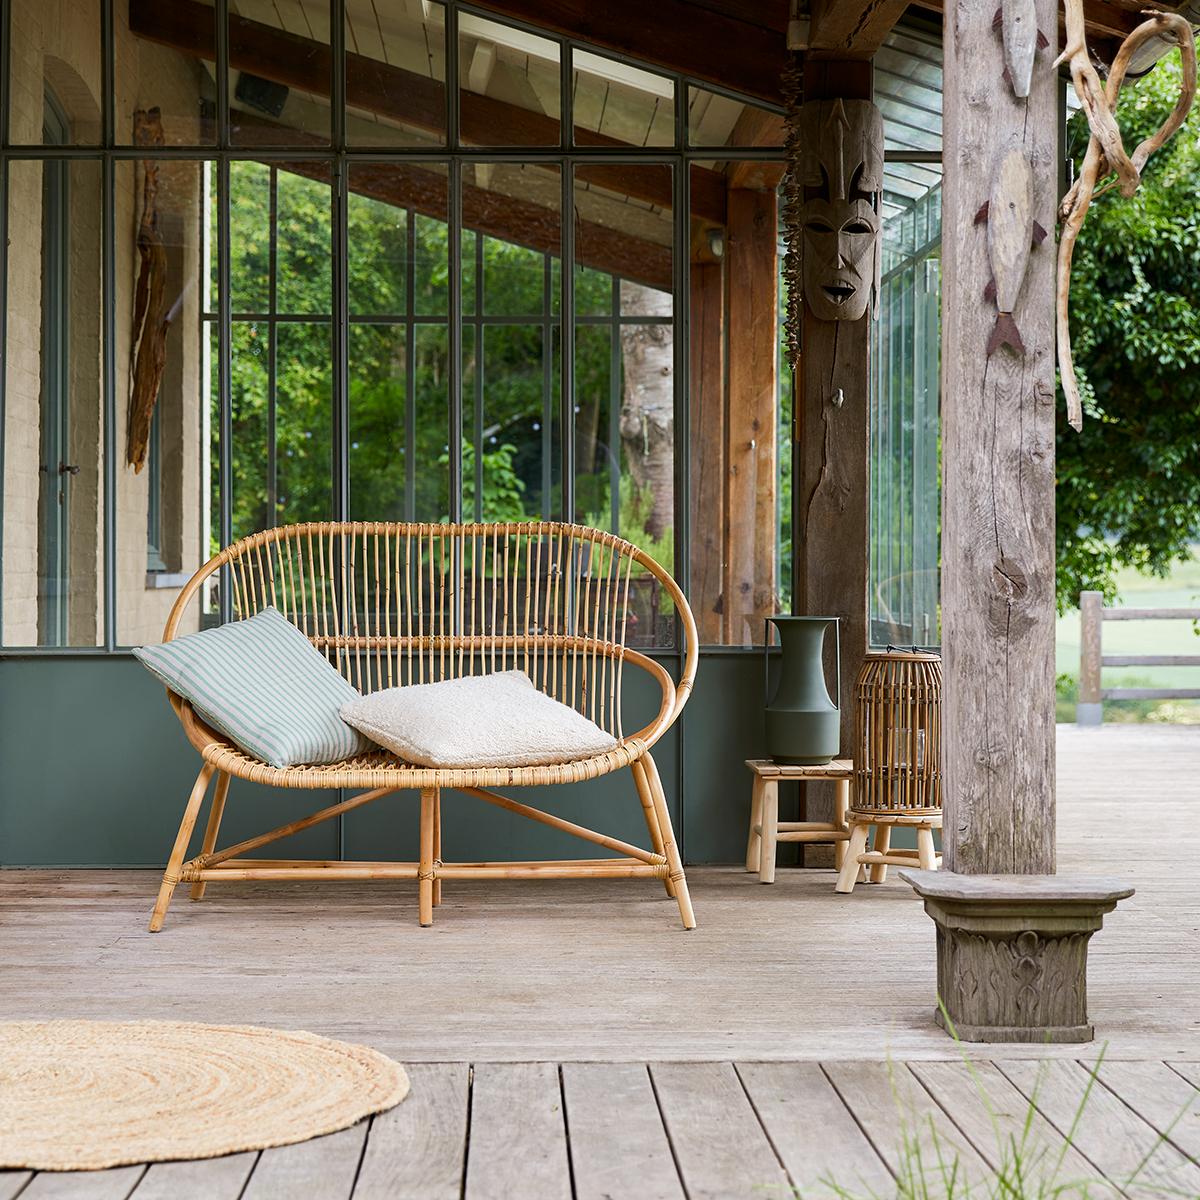 Leontie rattan garden double Armchair